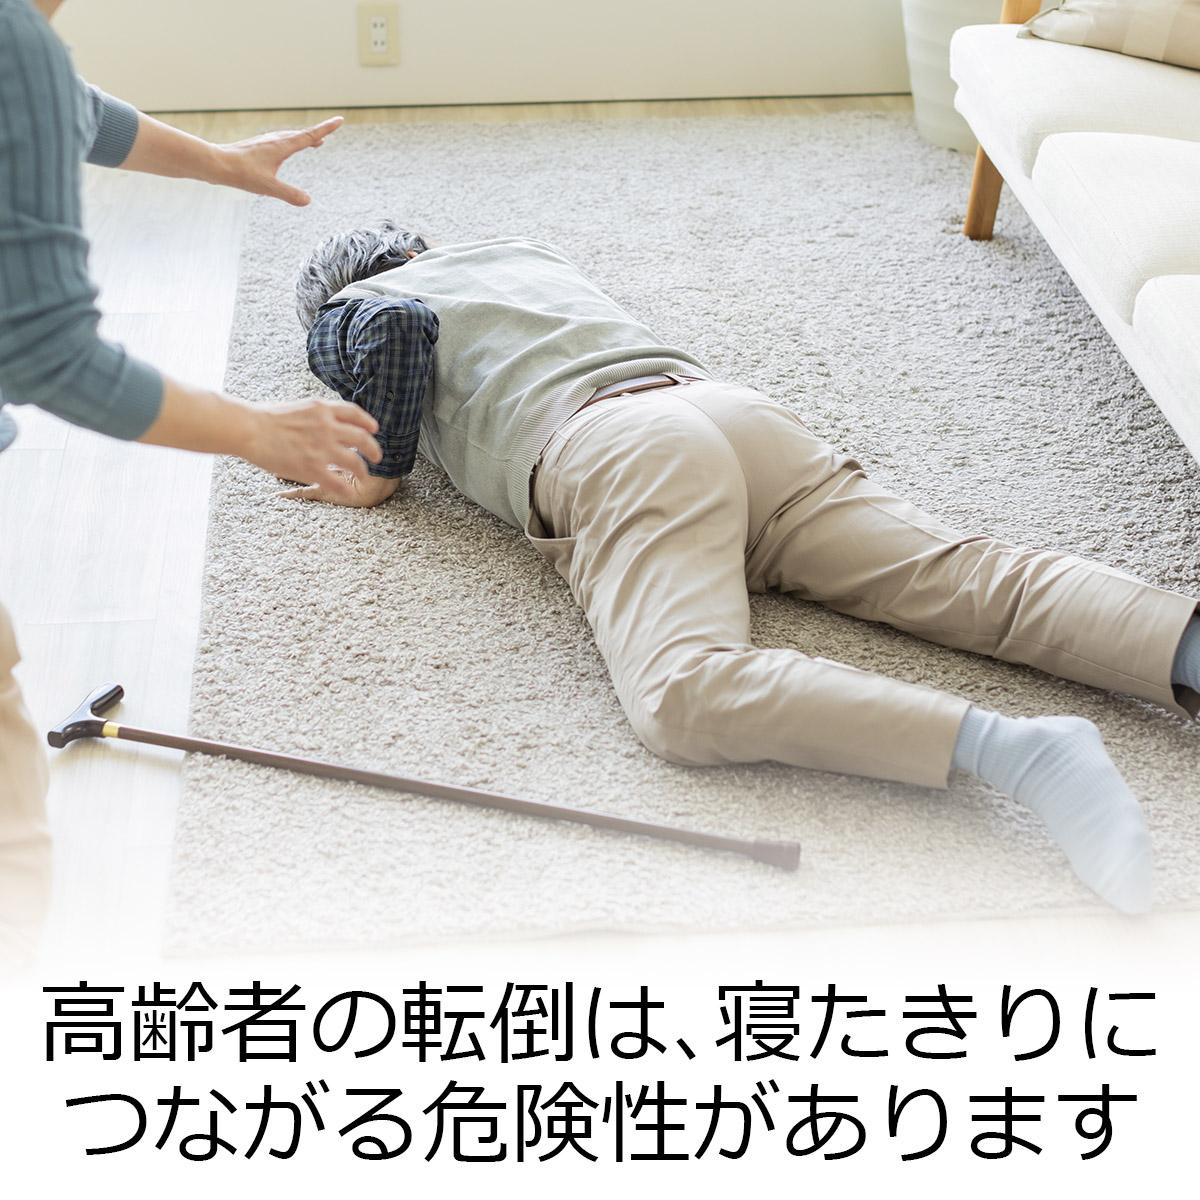 高齢者の転倒は、寝たきりにつながる危険性があります